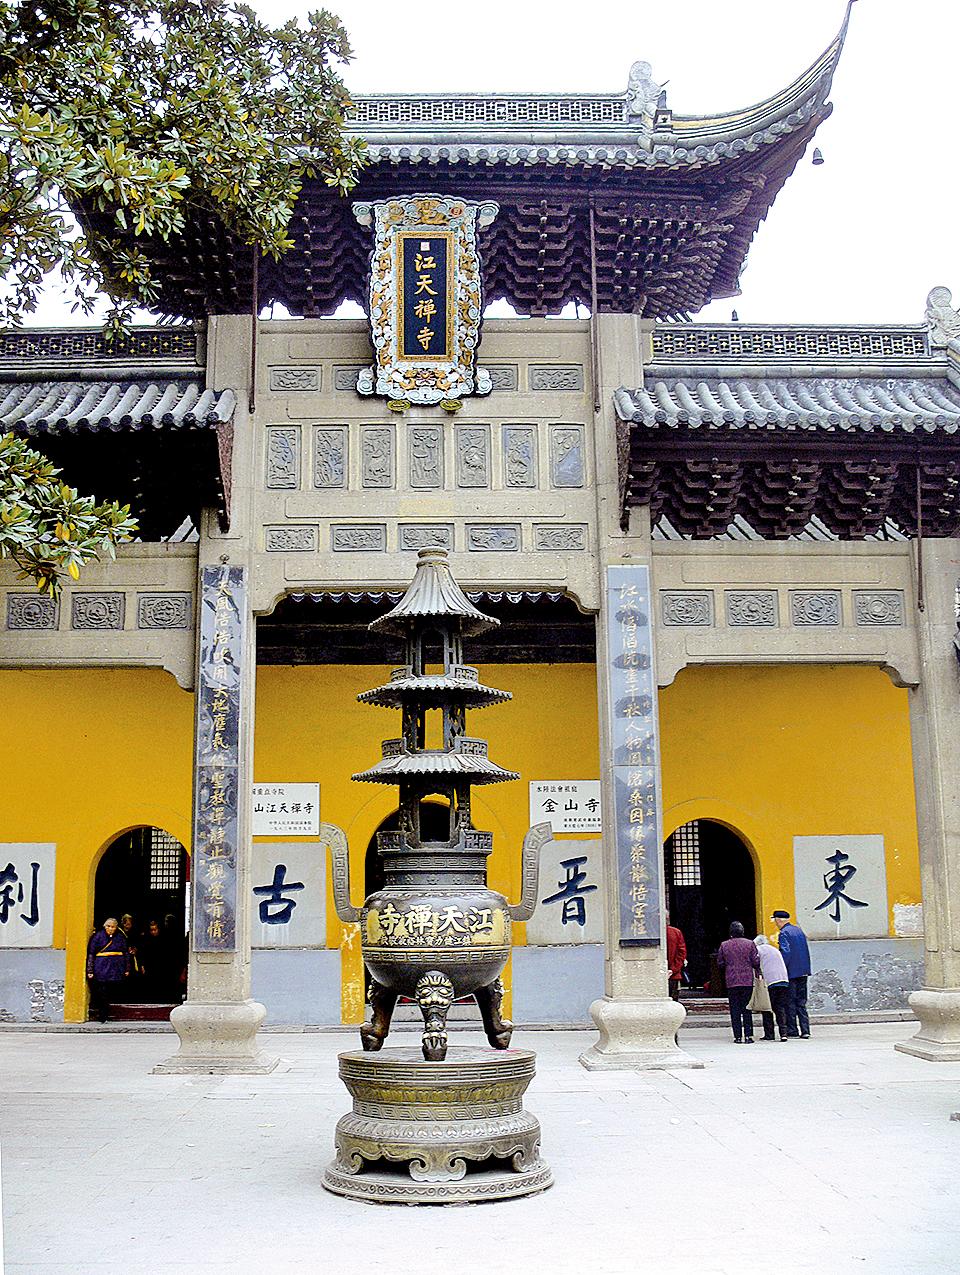 江天禪寺,又名金山寺,位於江蘇。 (Gisling/Wikimedia Commons)